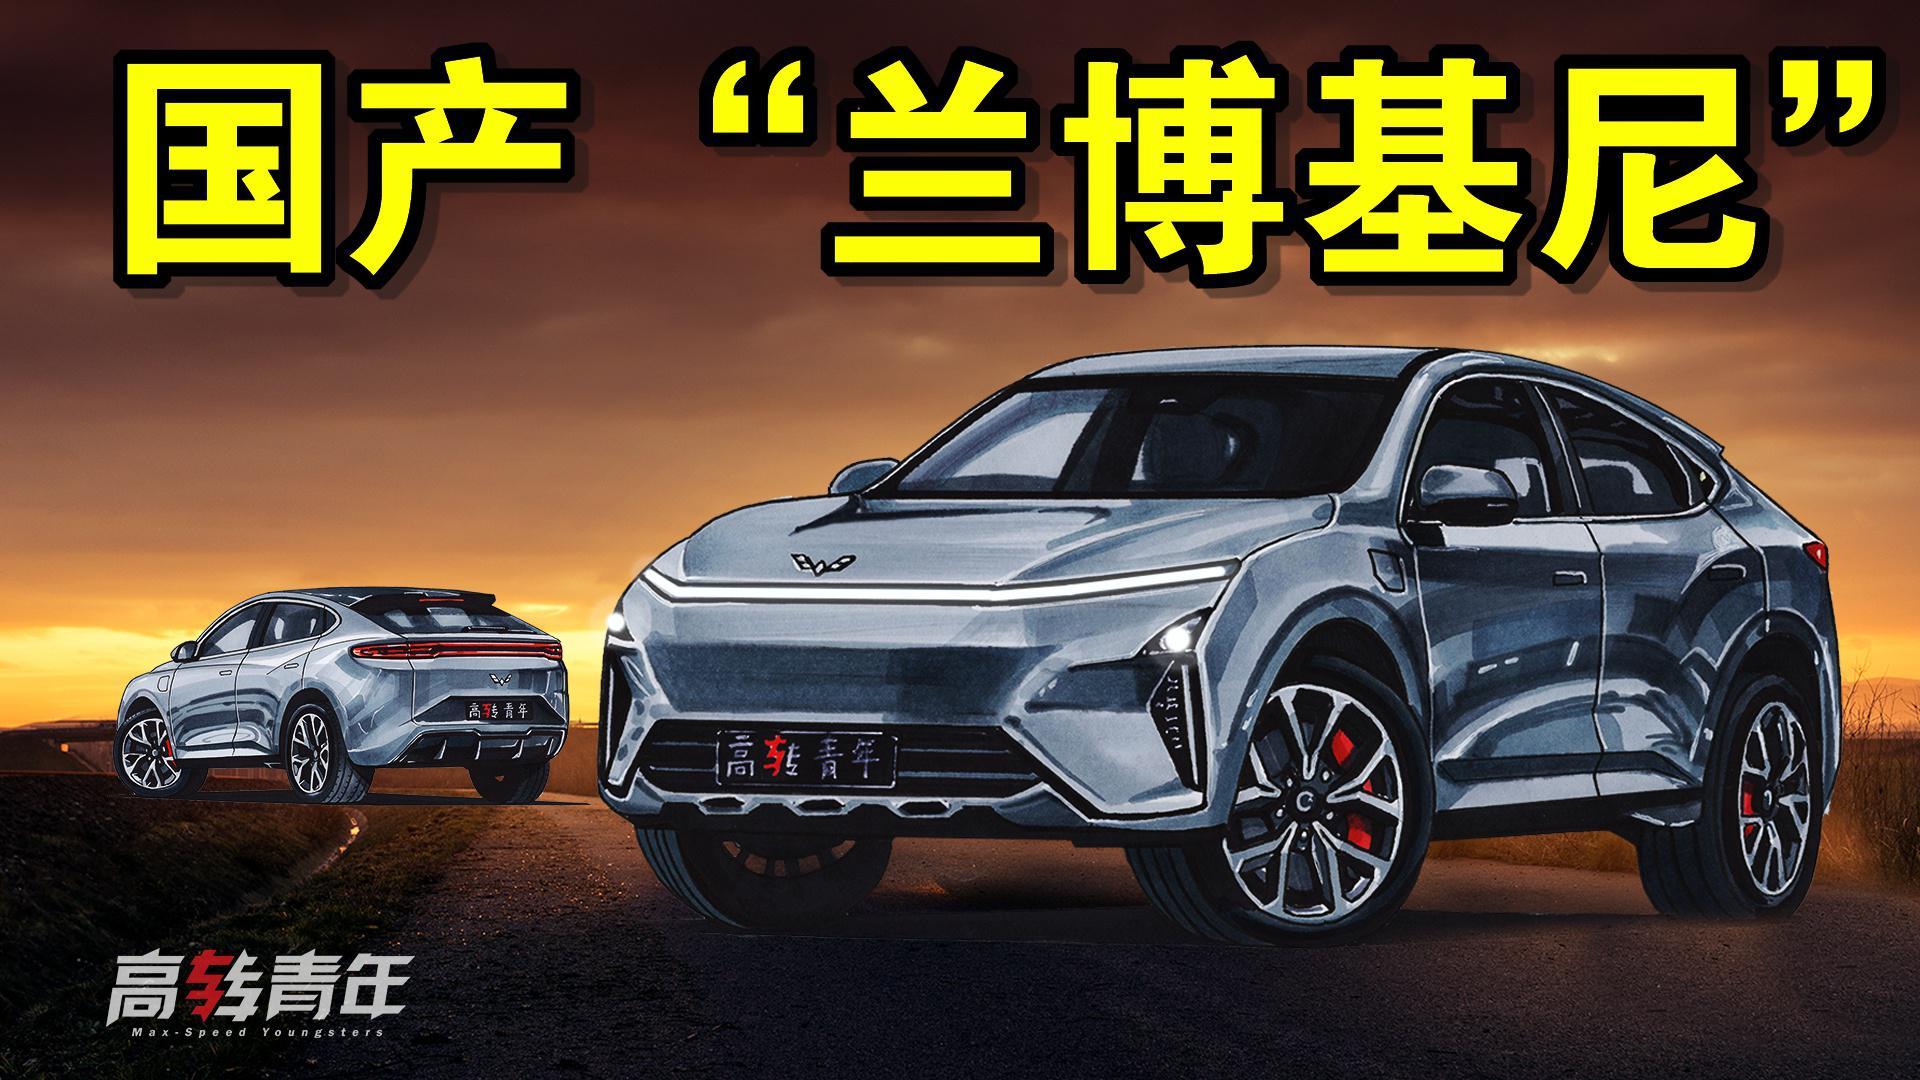 独家预测!五菱银标轿跑SUV,纯电驱动,酷似兰博基尼!